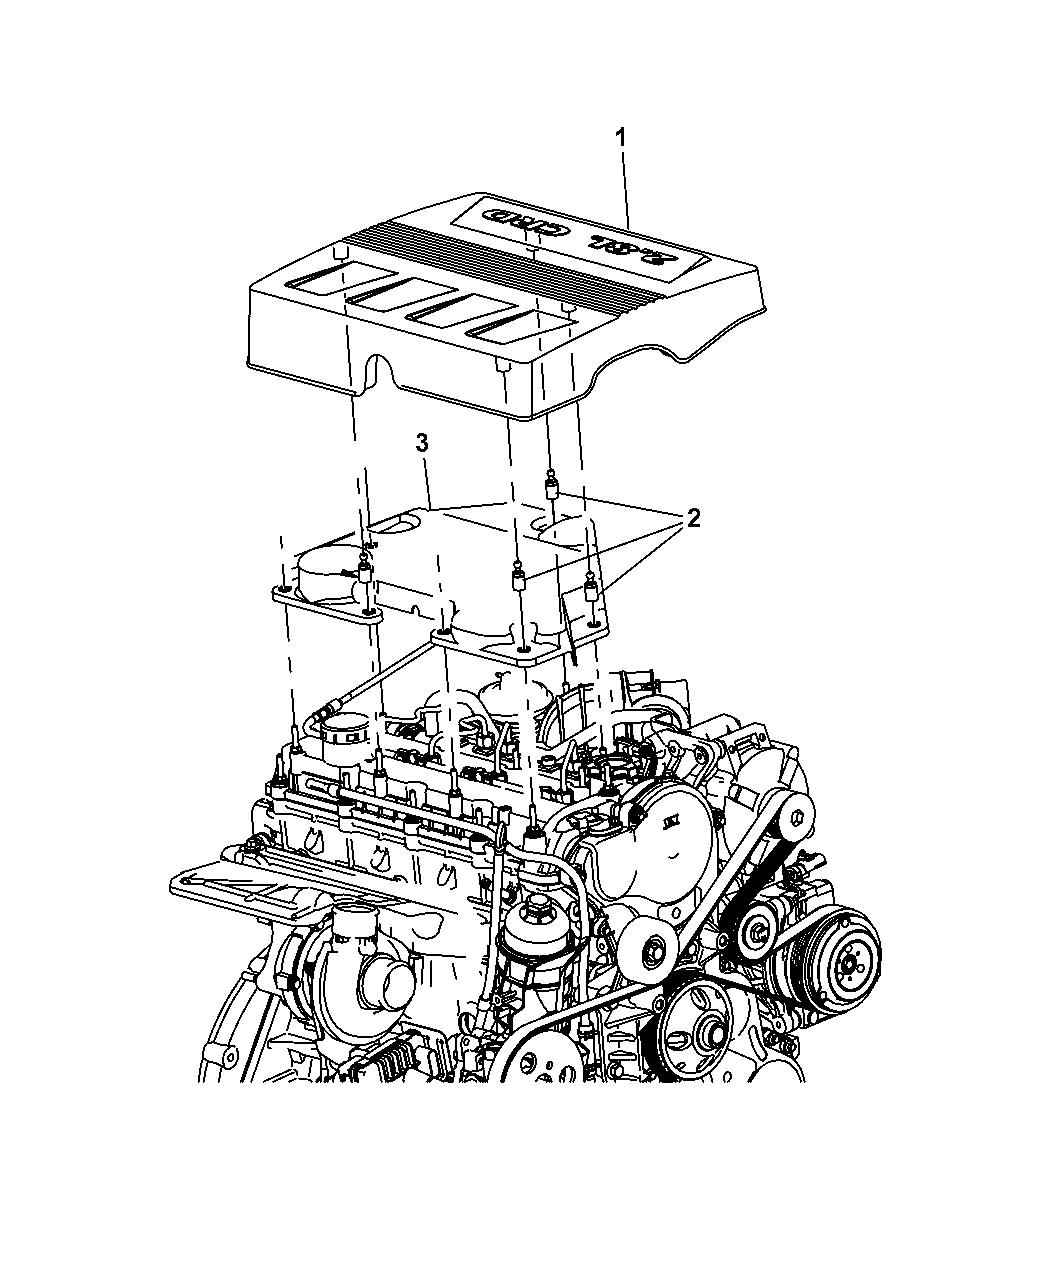 2009 dodge nitro engine timing diagram